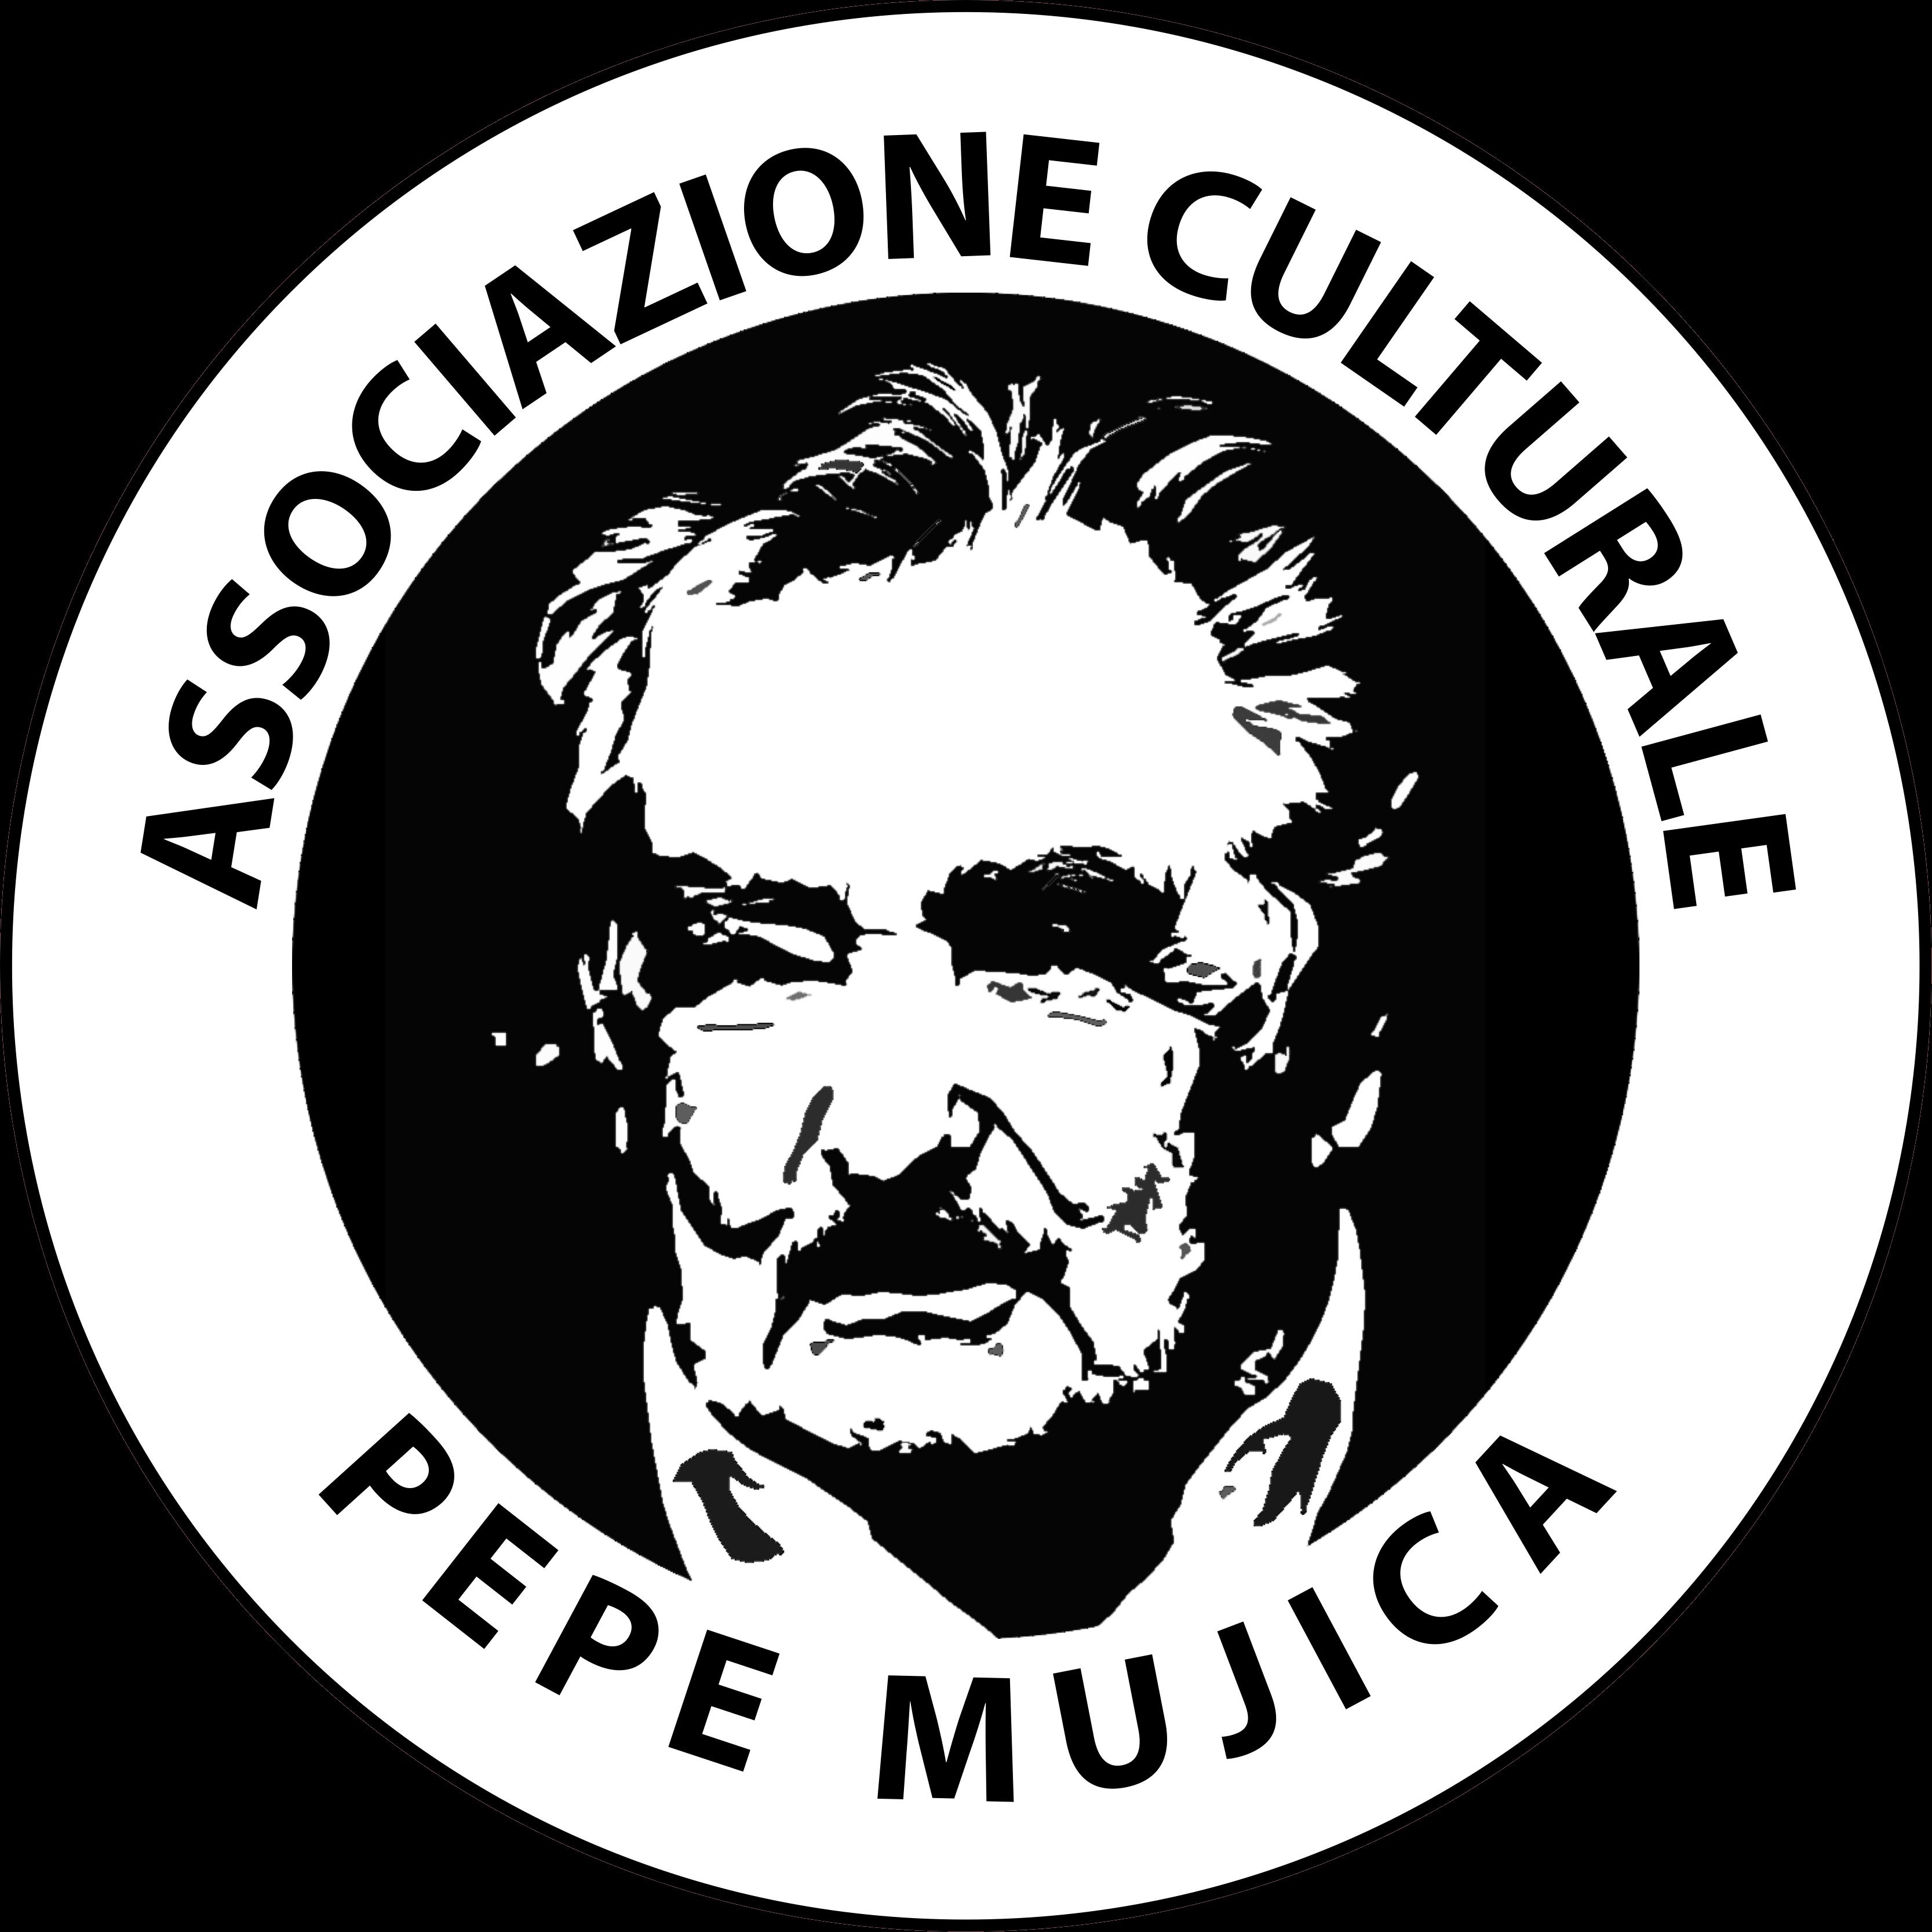 Associazione Culturale Pepe Mujica Arezzo